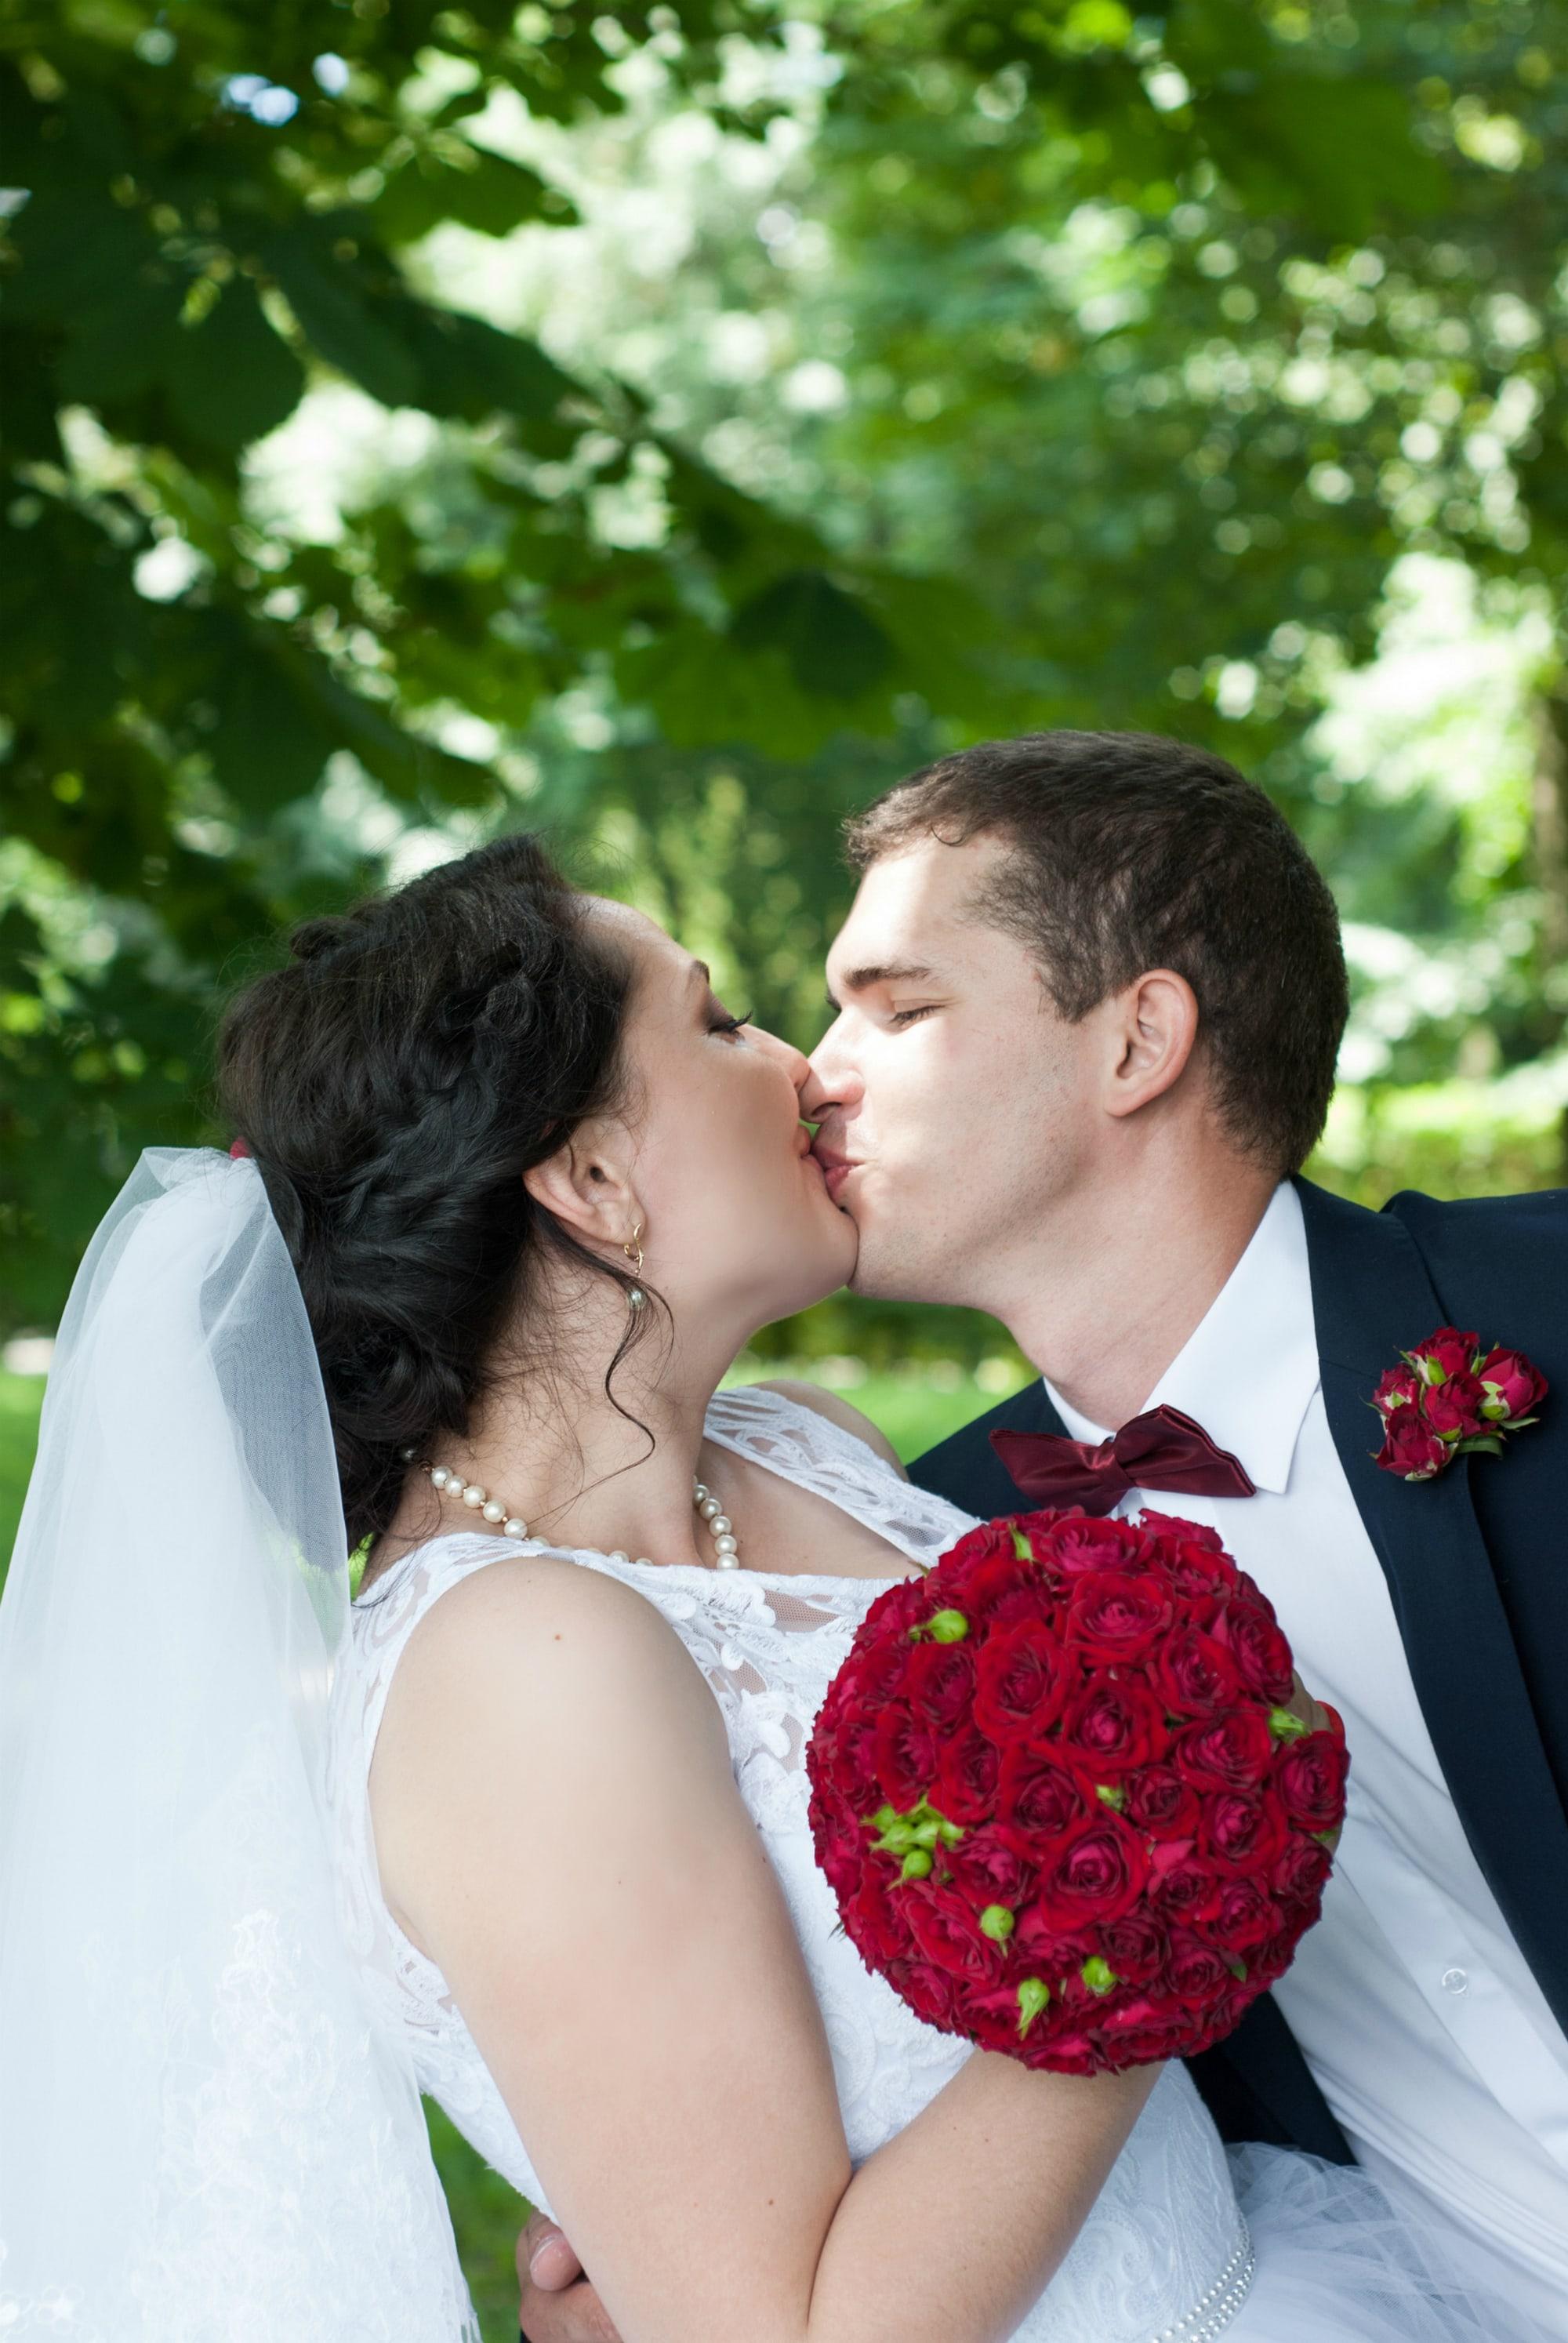 Жених целует невесту с букетом - Фотограф Киев - Женя Лайт